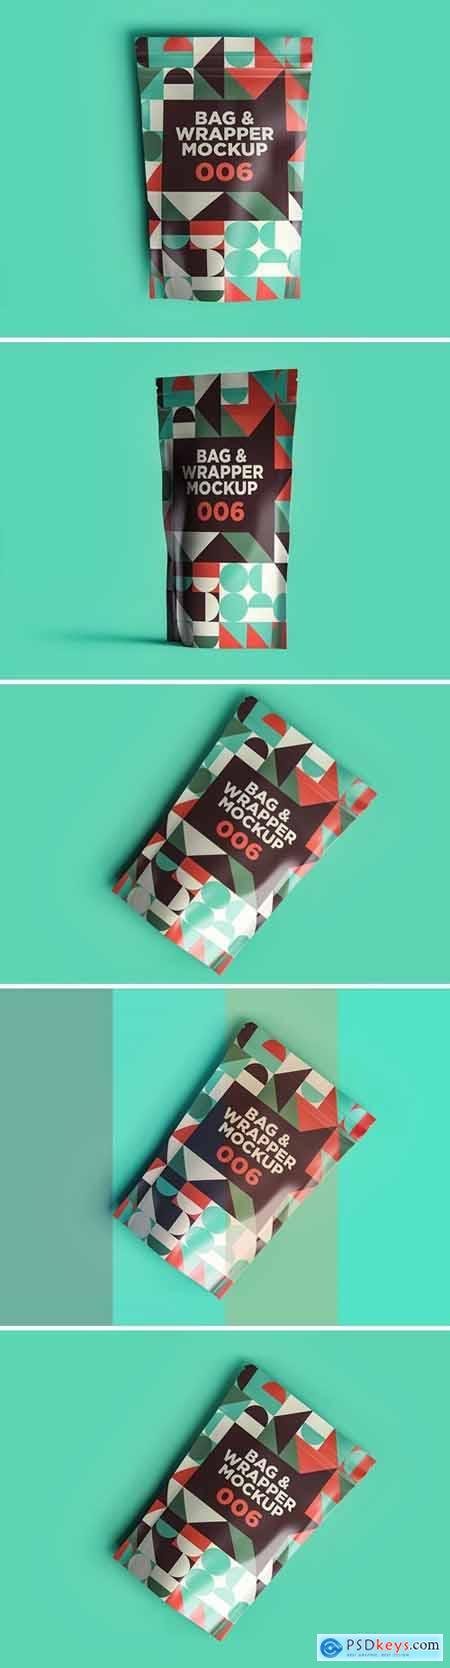 Bag & Wrapper Mockup 006